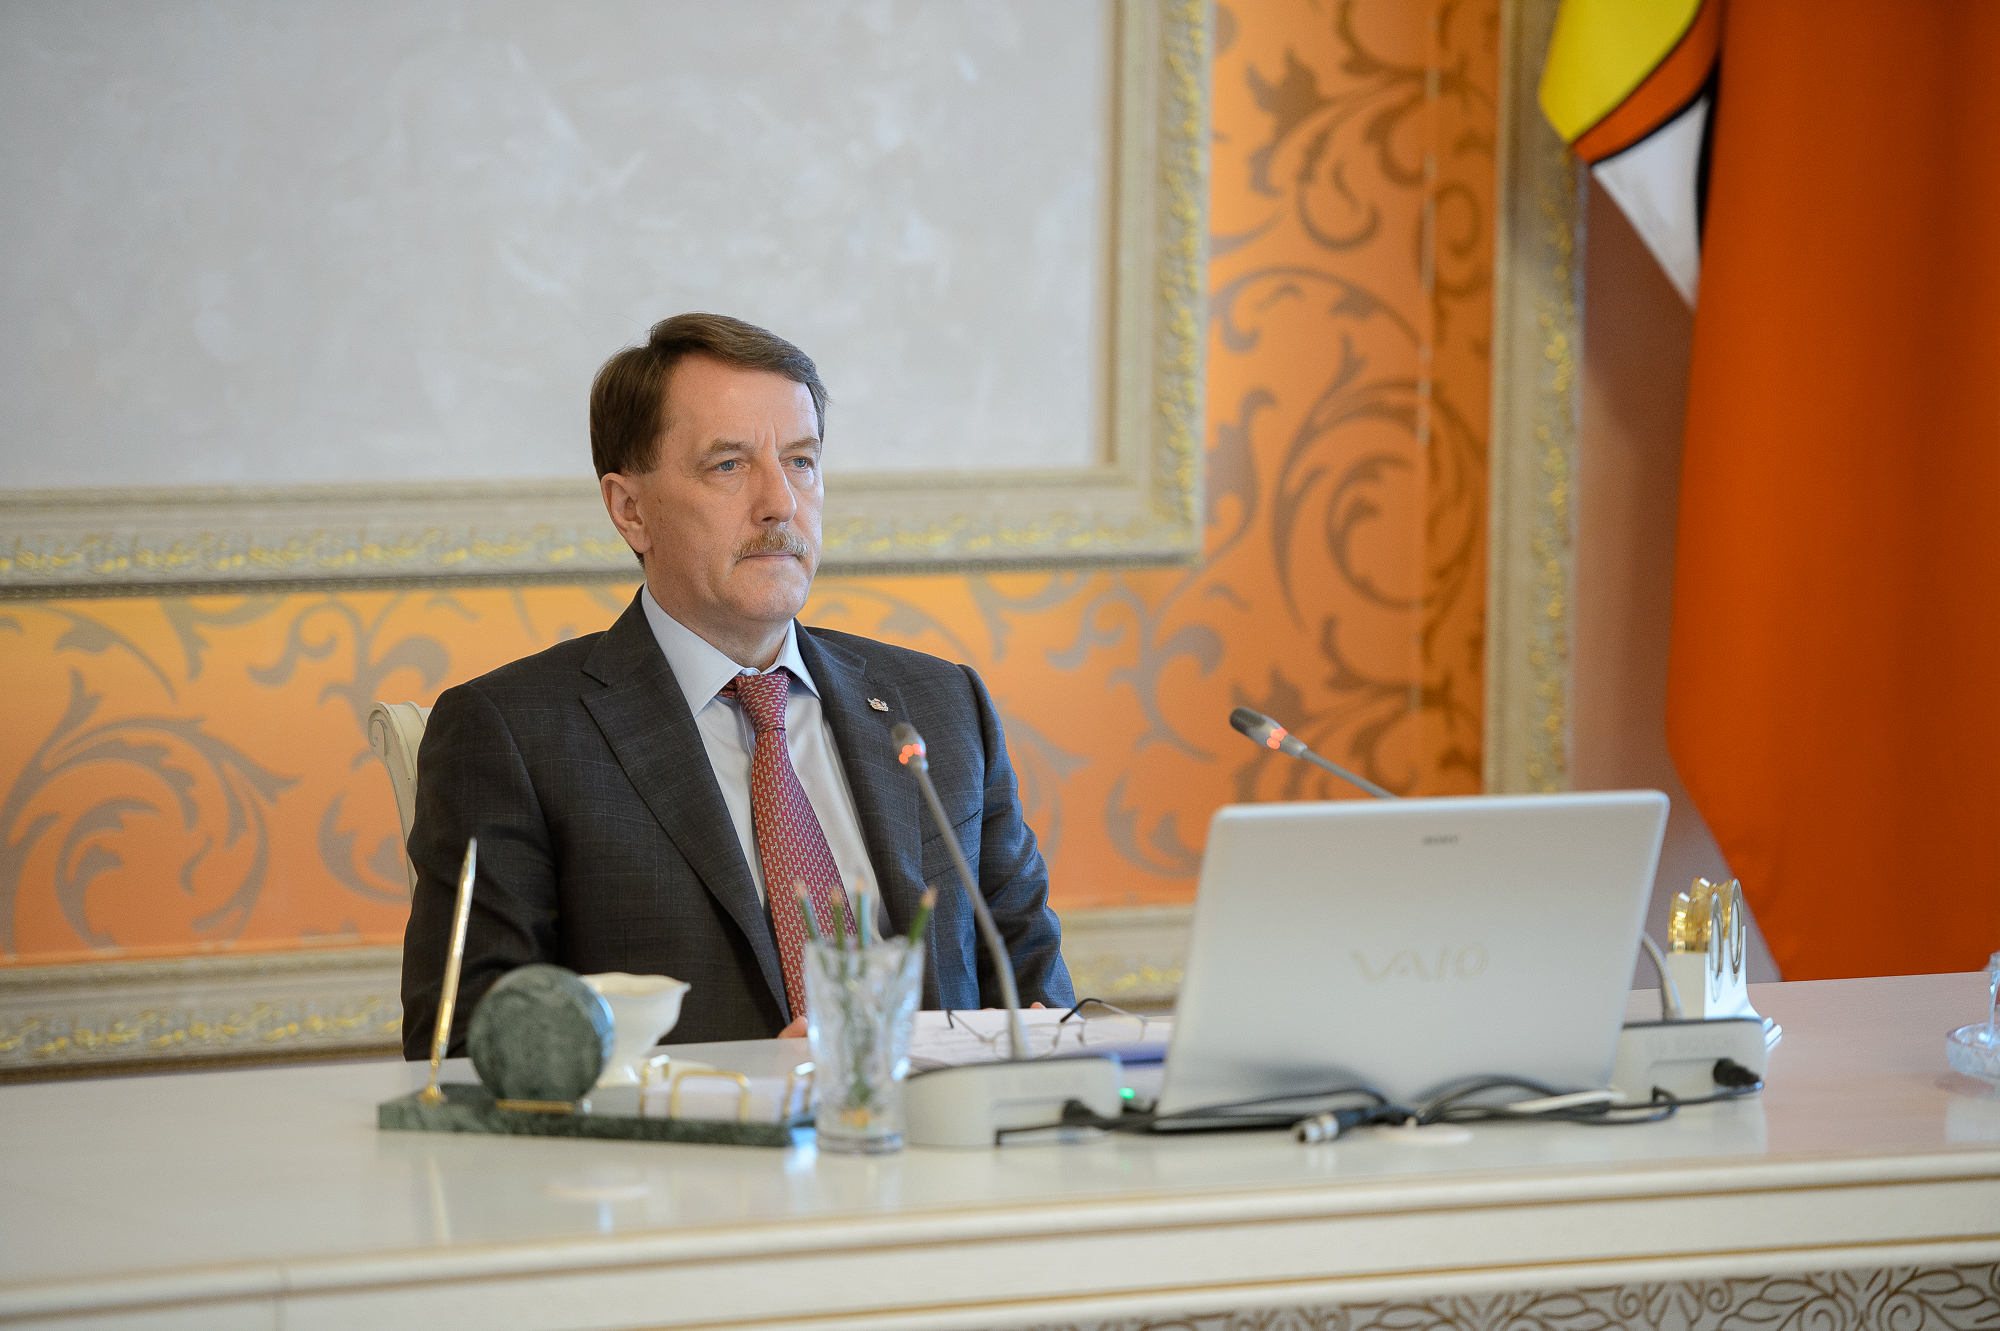 Губернатор: «Цена бюджетного рубля существенно возросла»